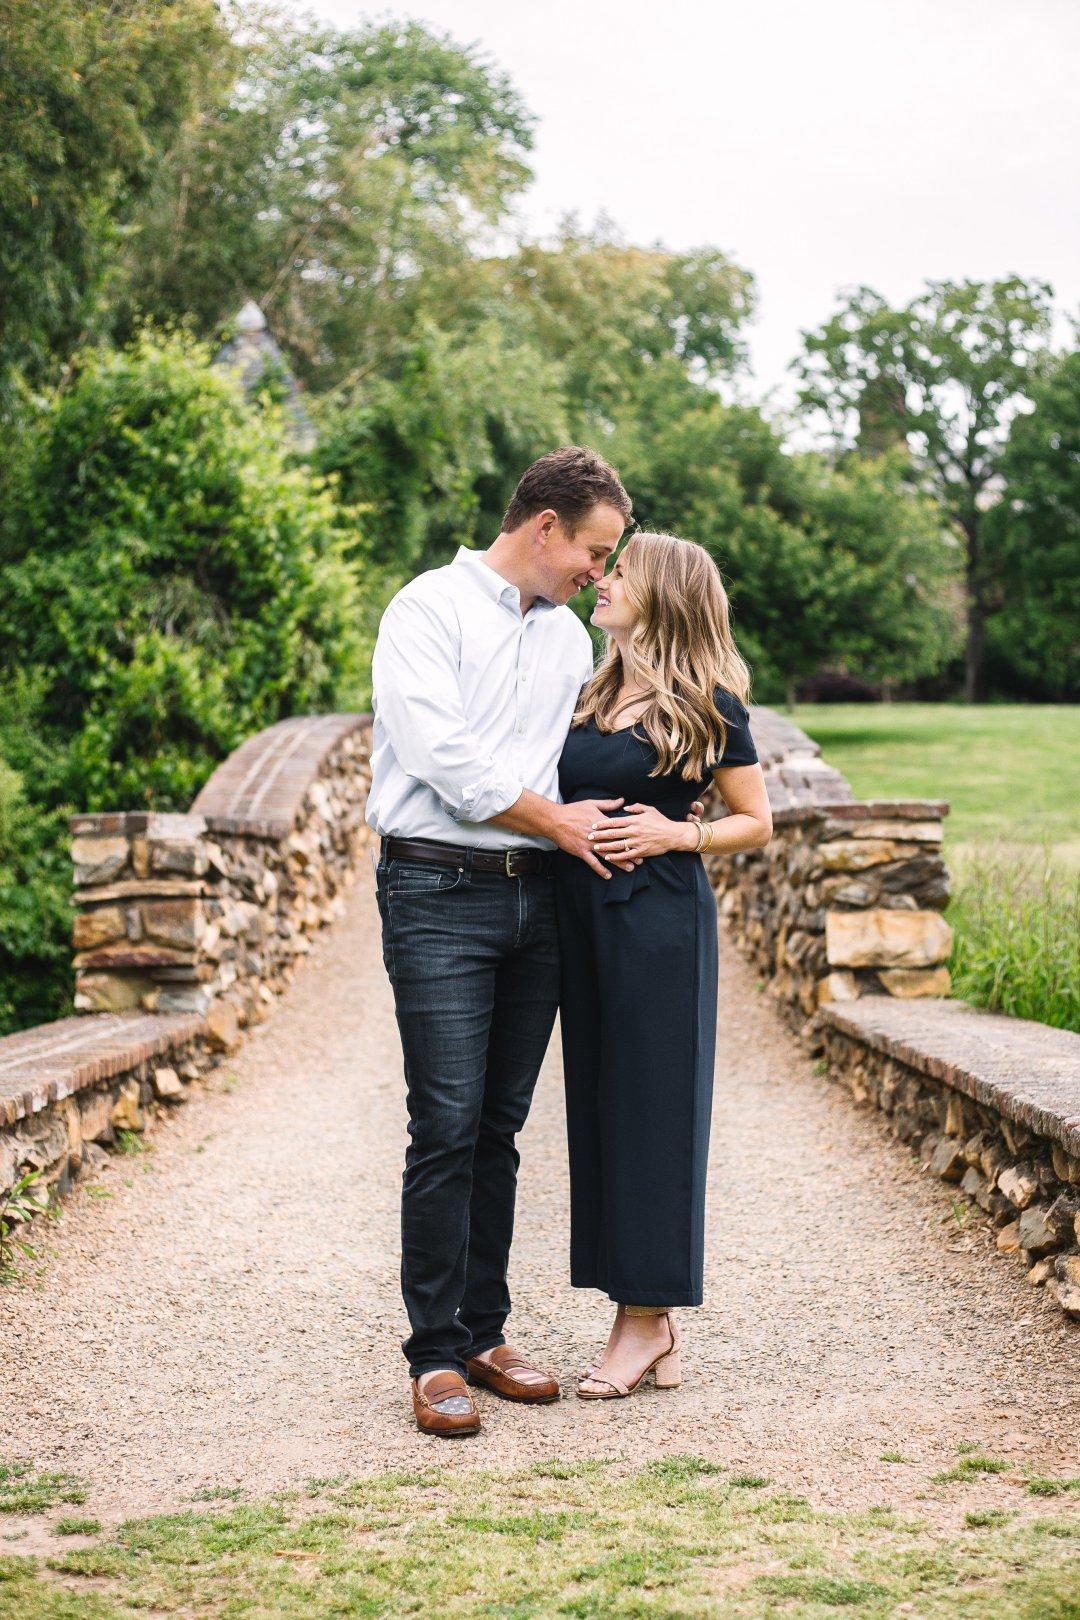 Winston-Salem pregnancy photoshoot